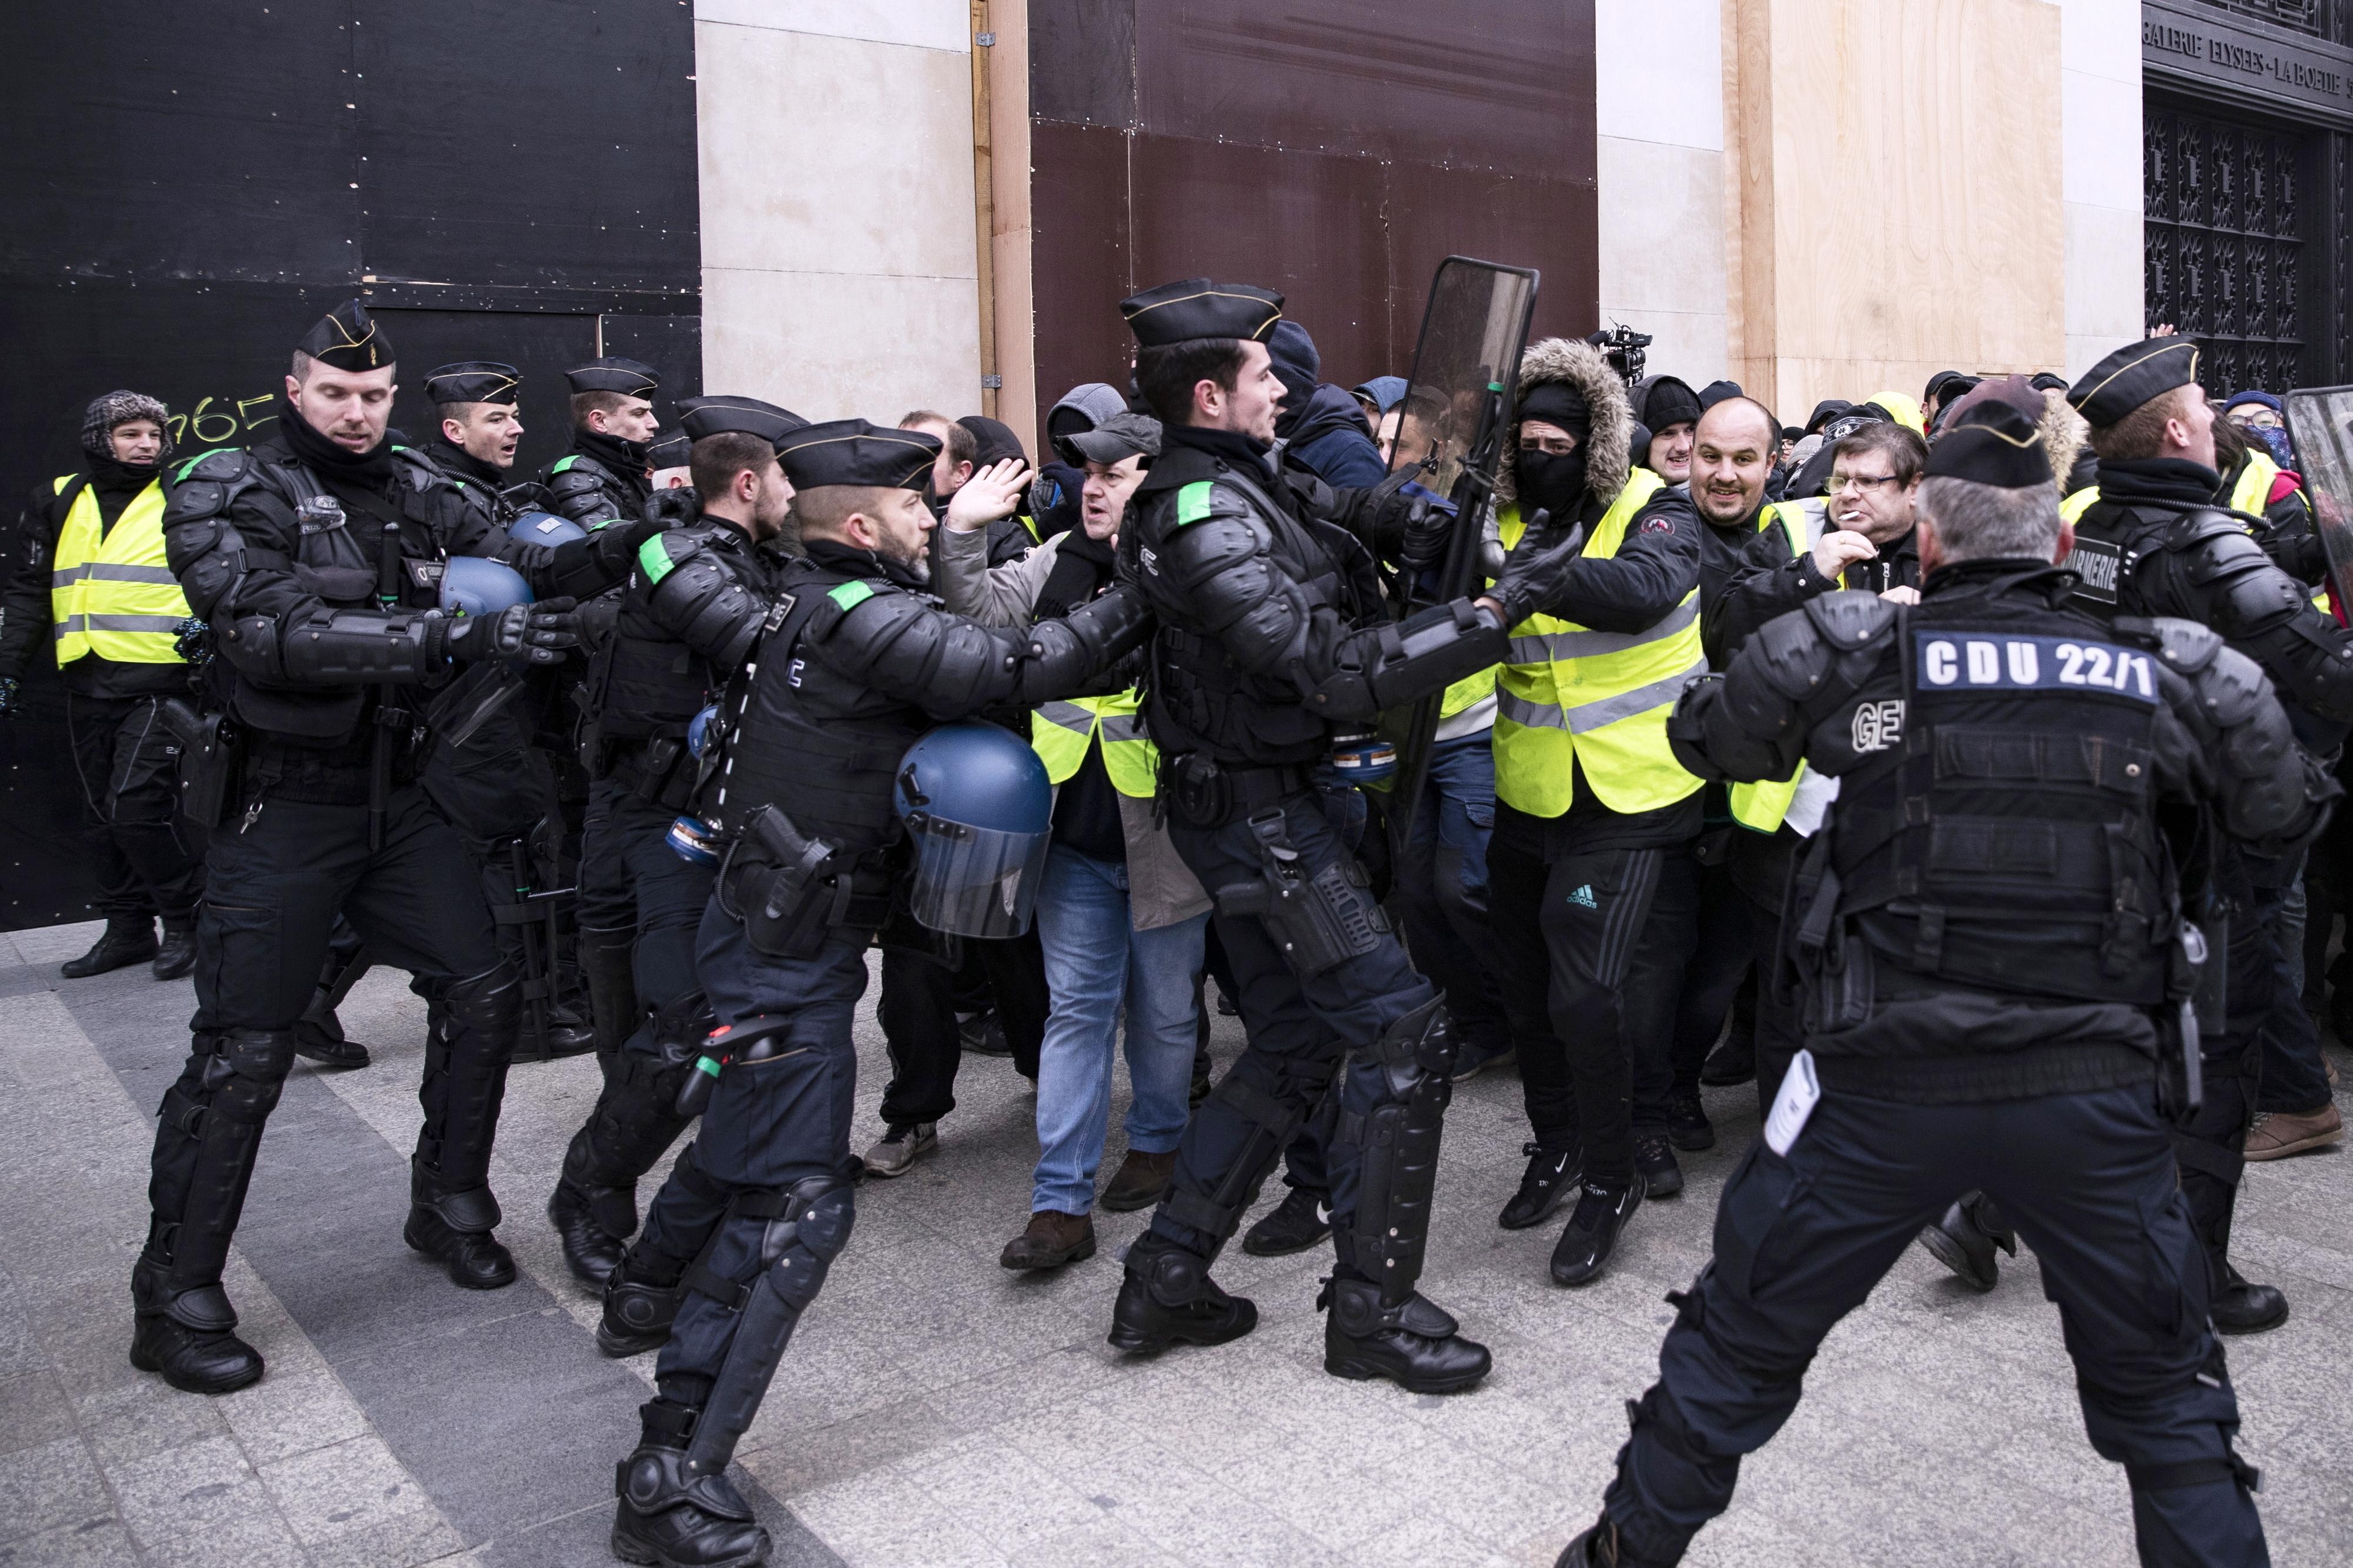 Mais de 150 detidos e cinco vítimas na manifestação dos coletes amarelos